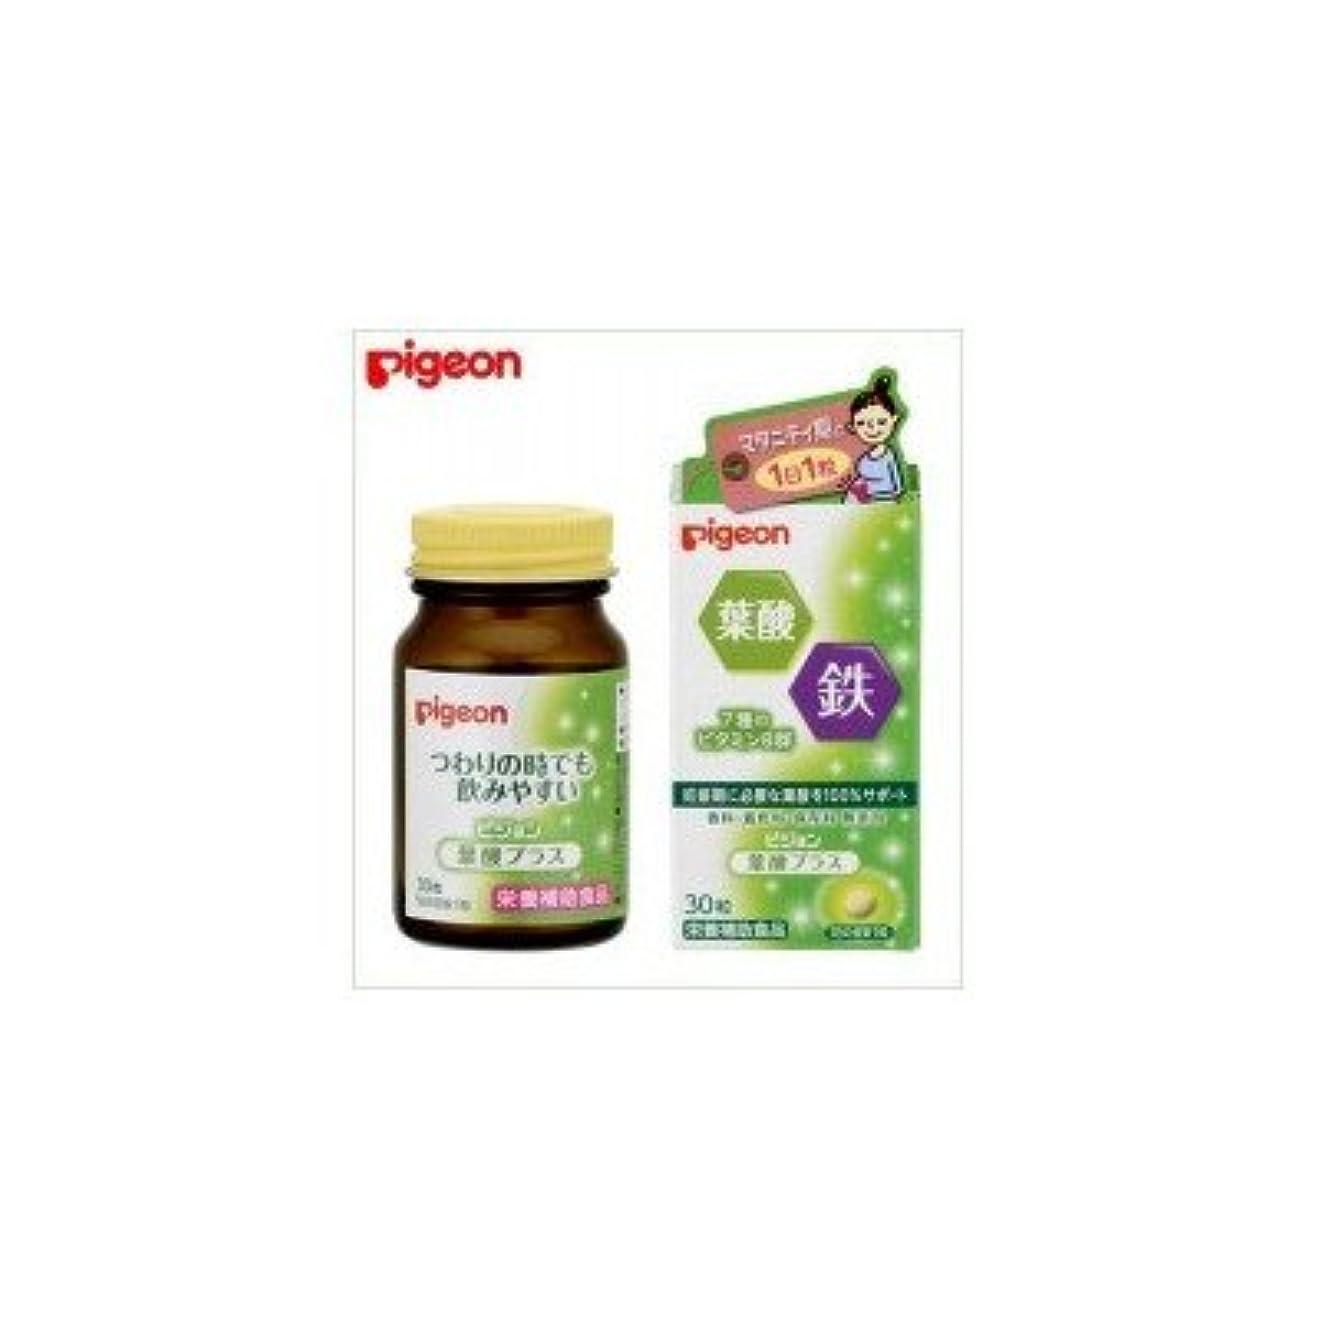 実質的ウォーターフロントパントリーPigeon(ピジョン) サプリメント 栄養補助食品 葉酸プラス 30粒(錠剤) 20390